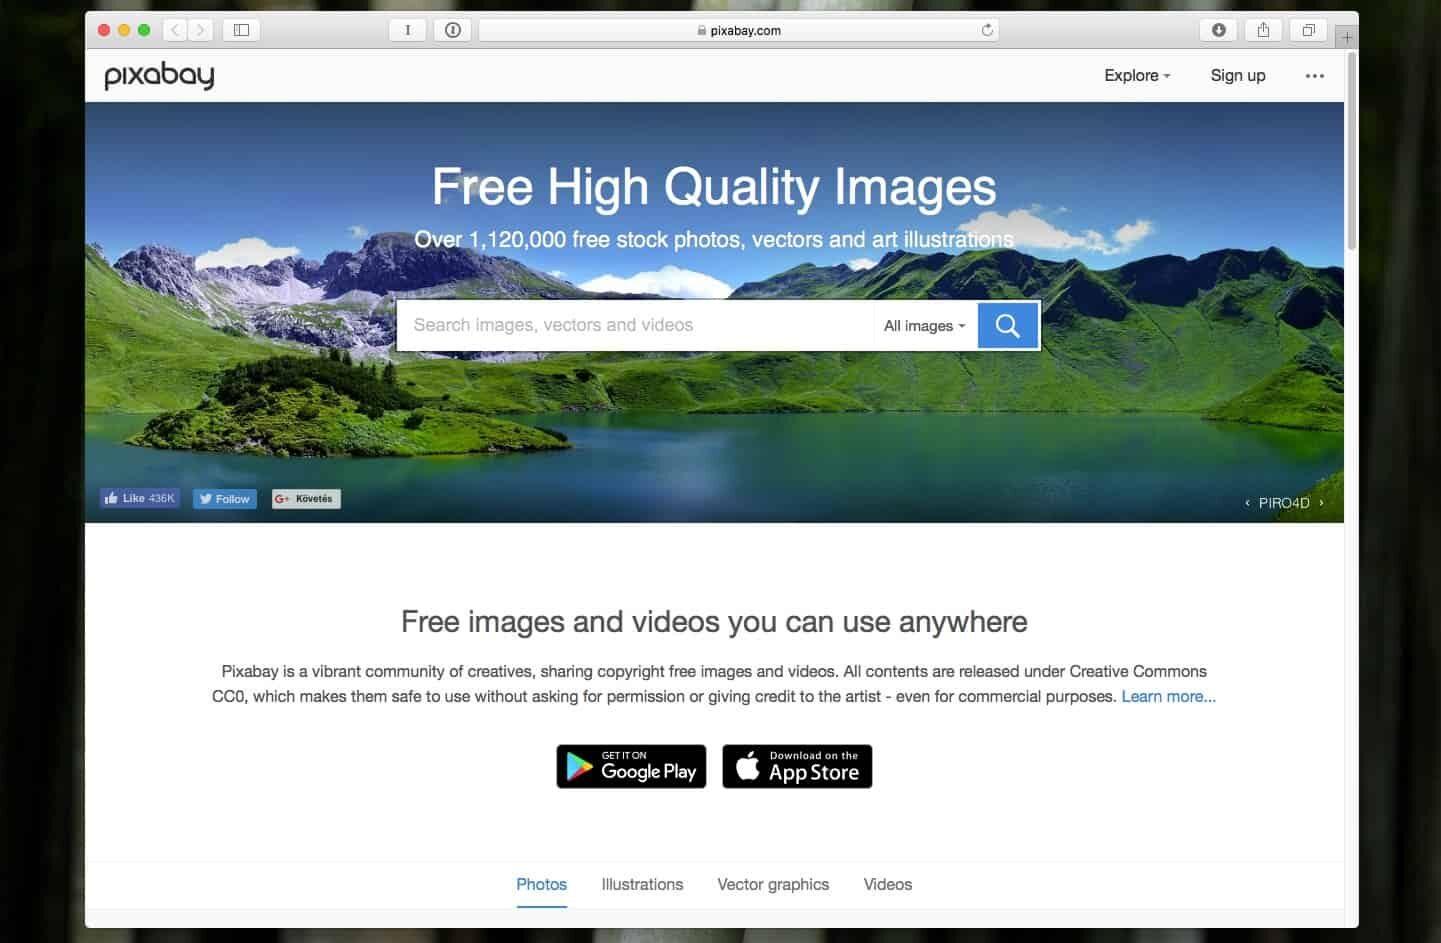 A legjobb weboldalak szabadon felhasználható képek letöltéséhez   Techwok.hu